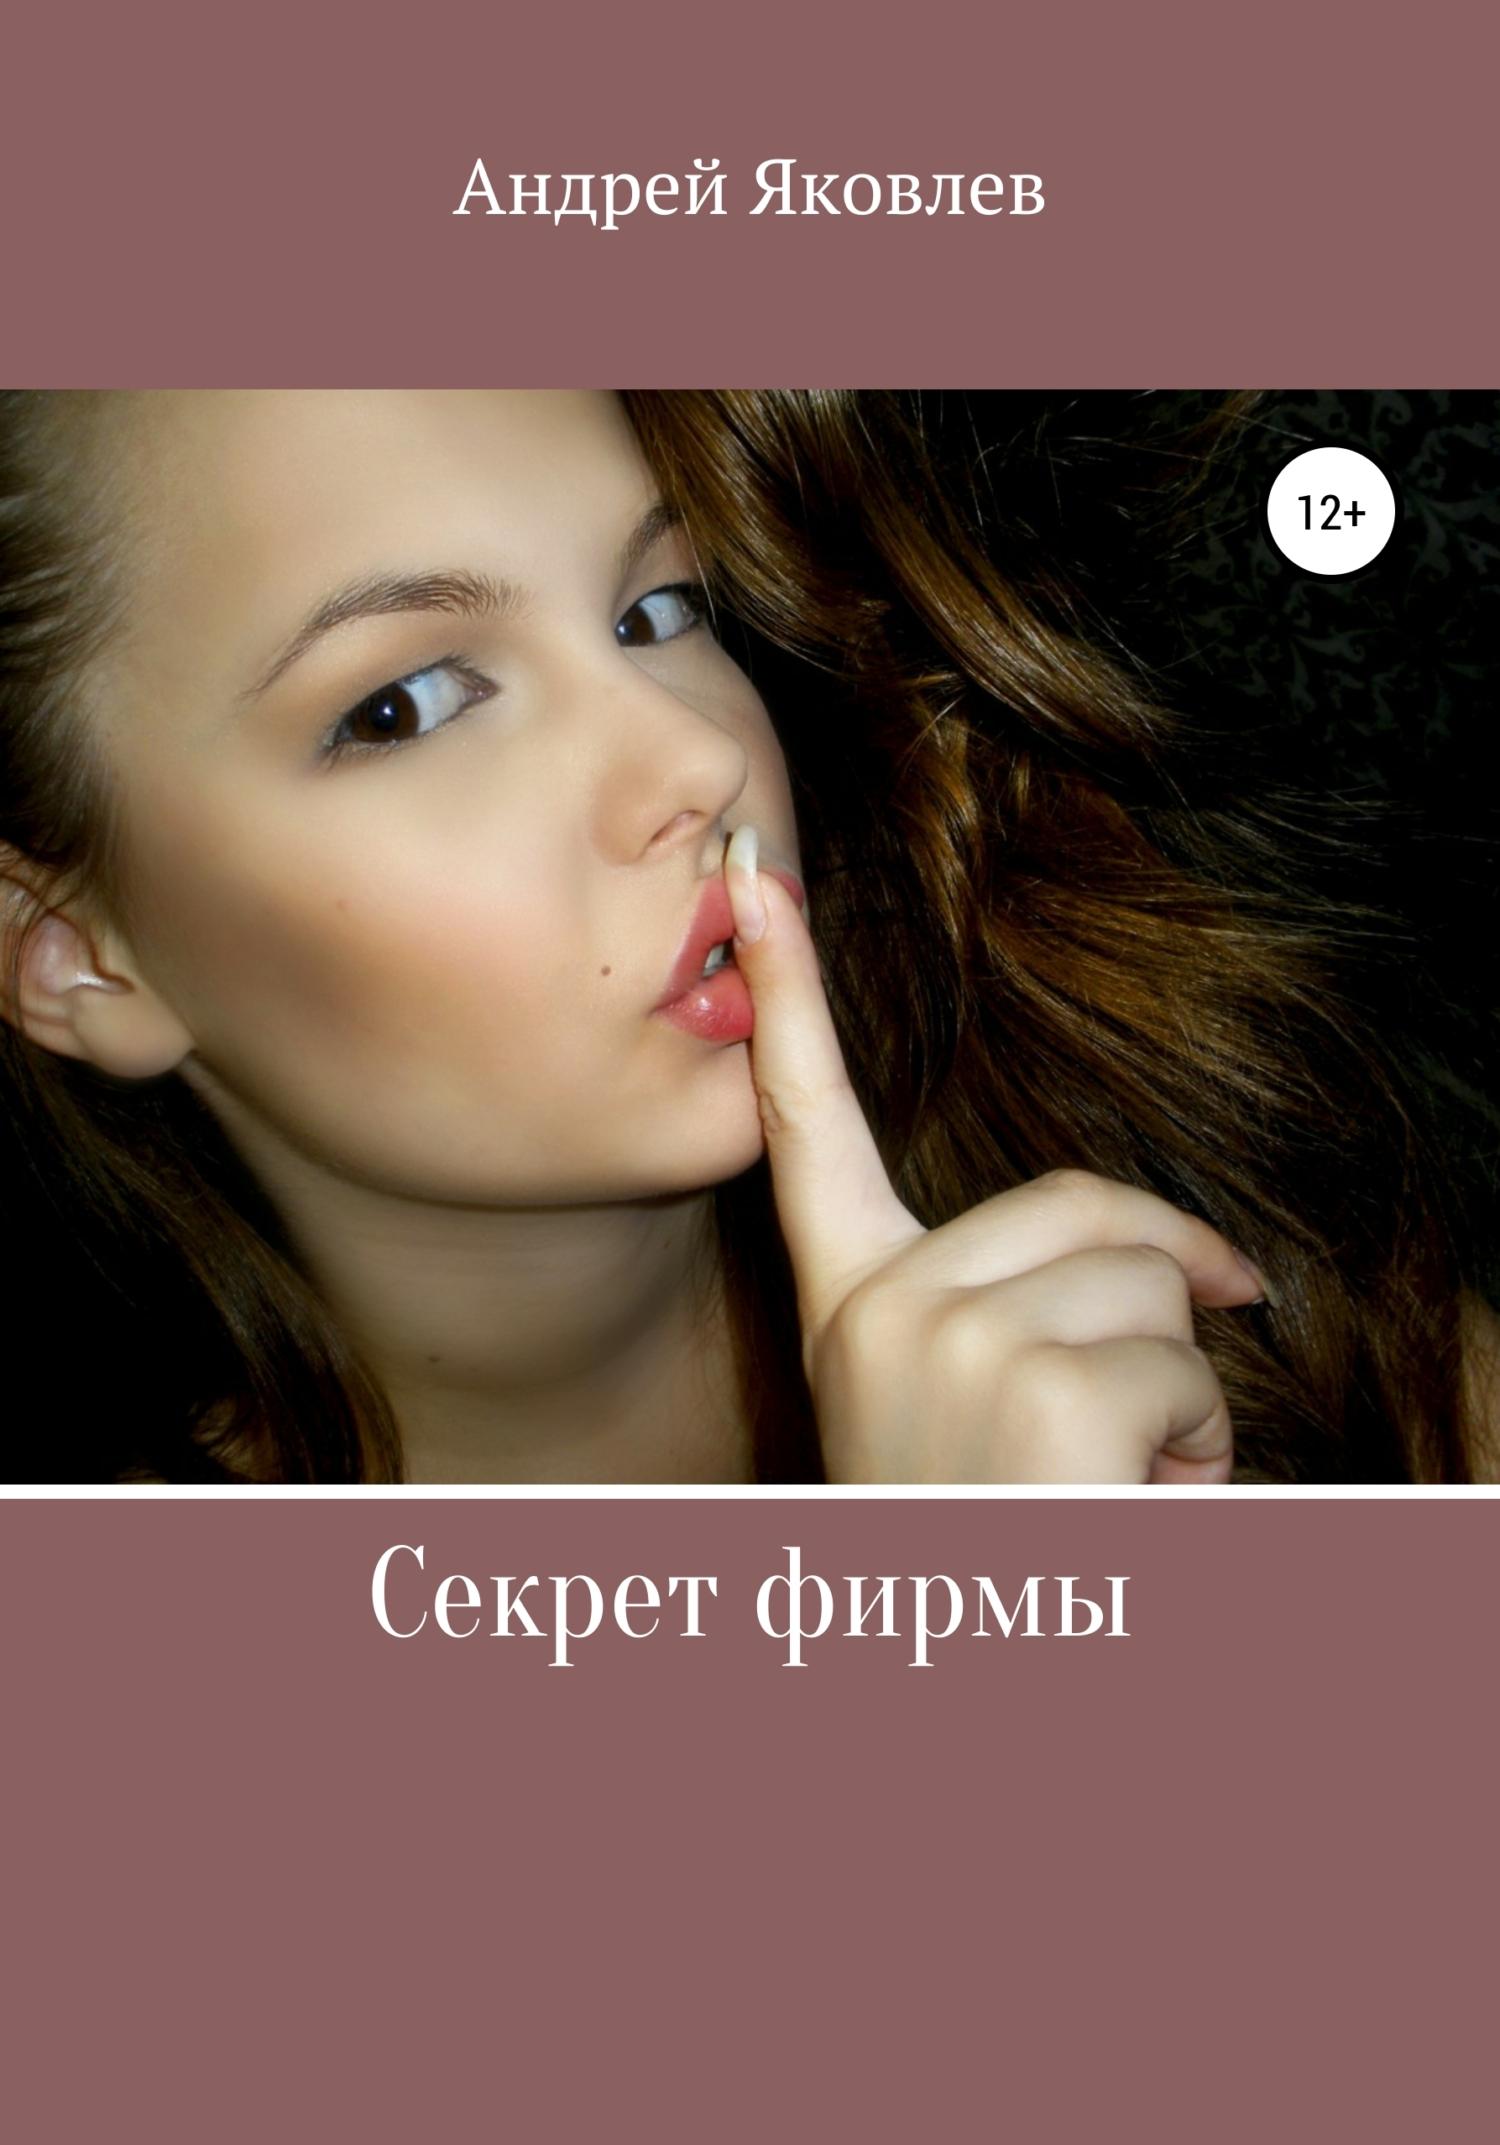 цена на Андрей Владимирович Яковлев Секрет фирмы